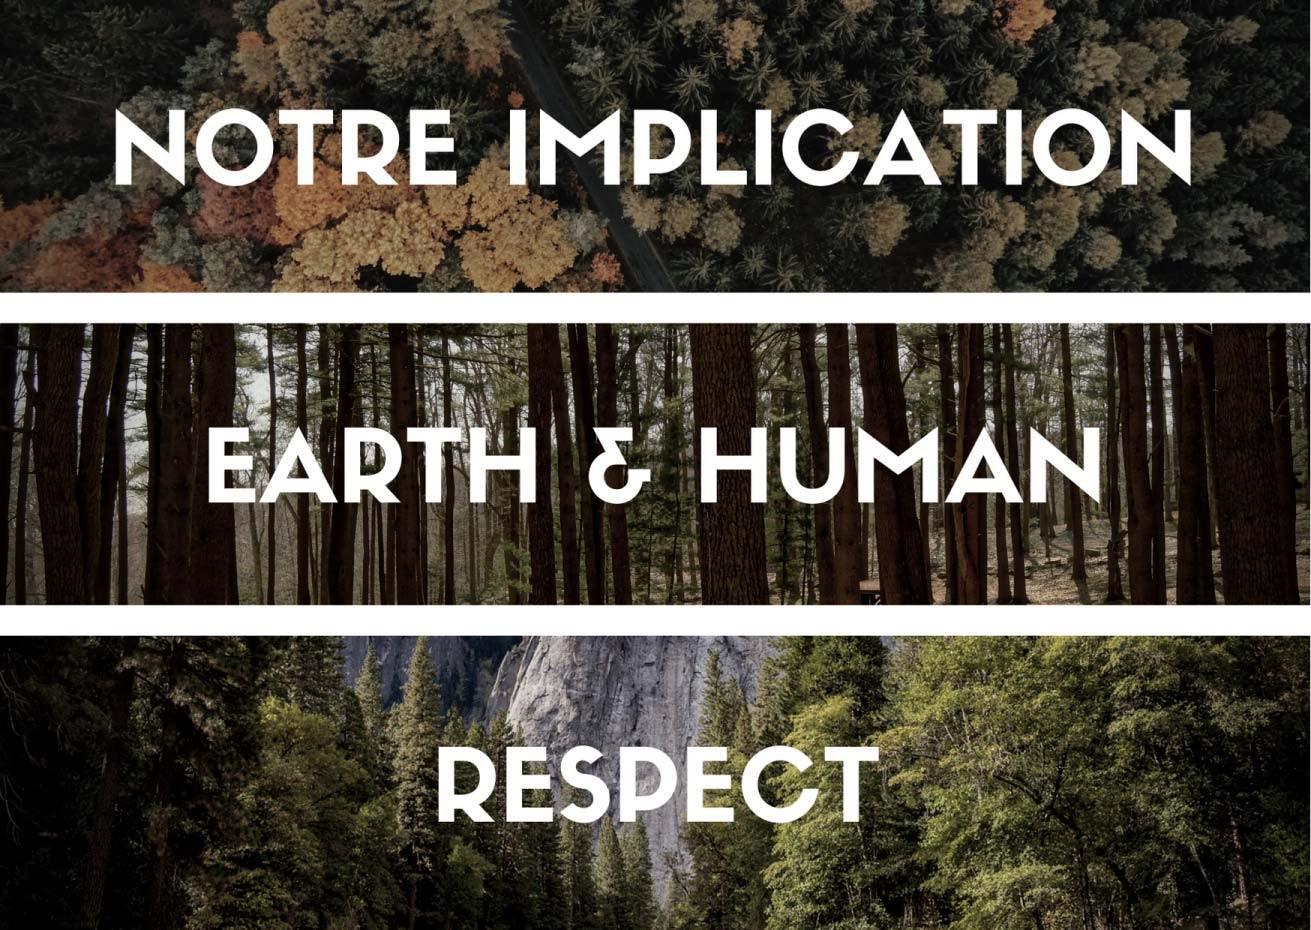 C'est une image composée de trois photos de nature avec des arbres, des montagnes, type station de ski. Il y est inscrit Notre Implication, Earth & Human et Respect.